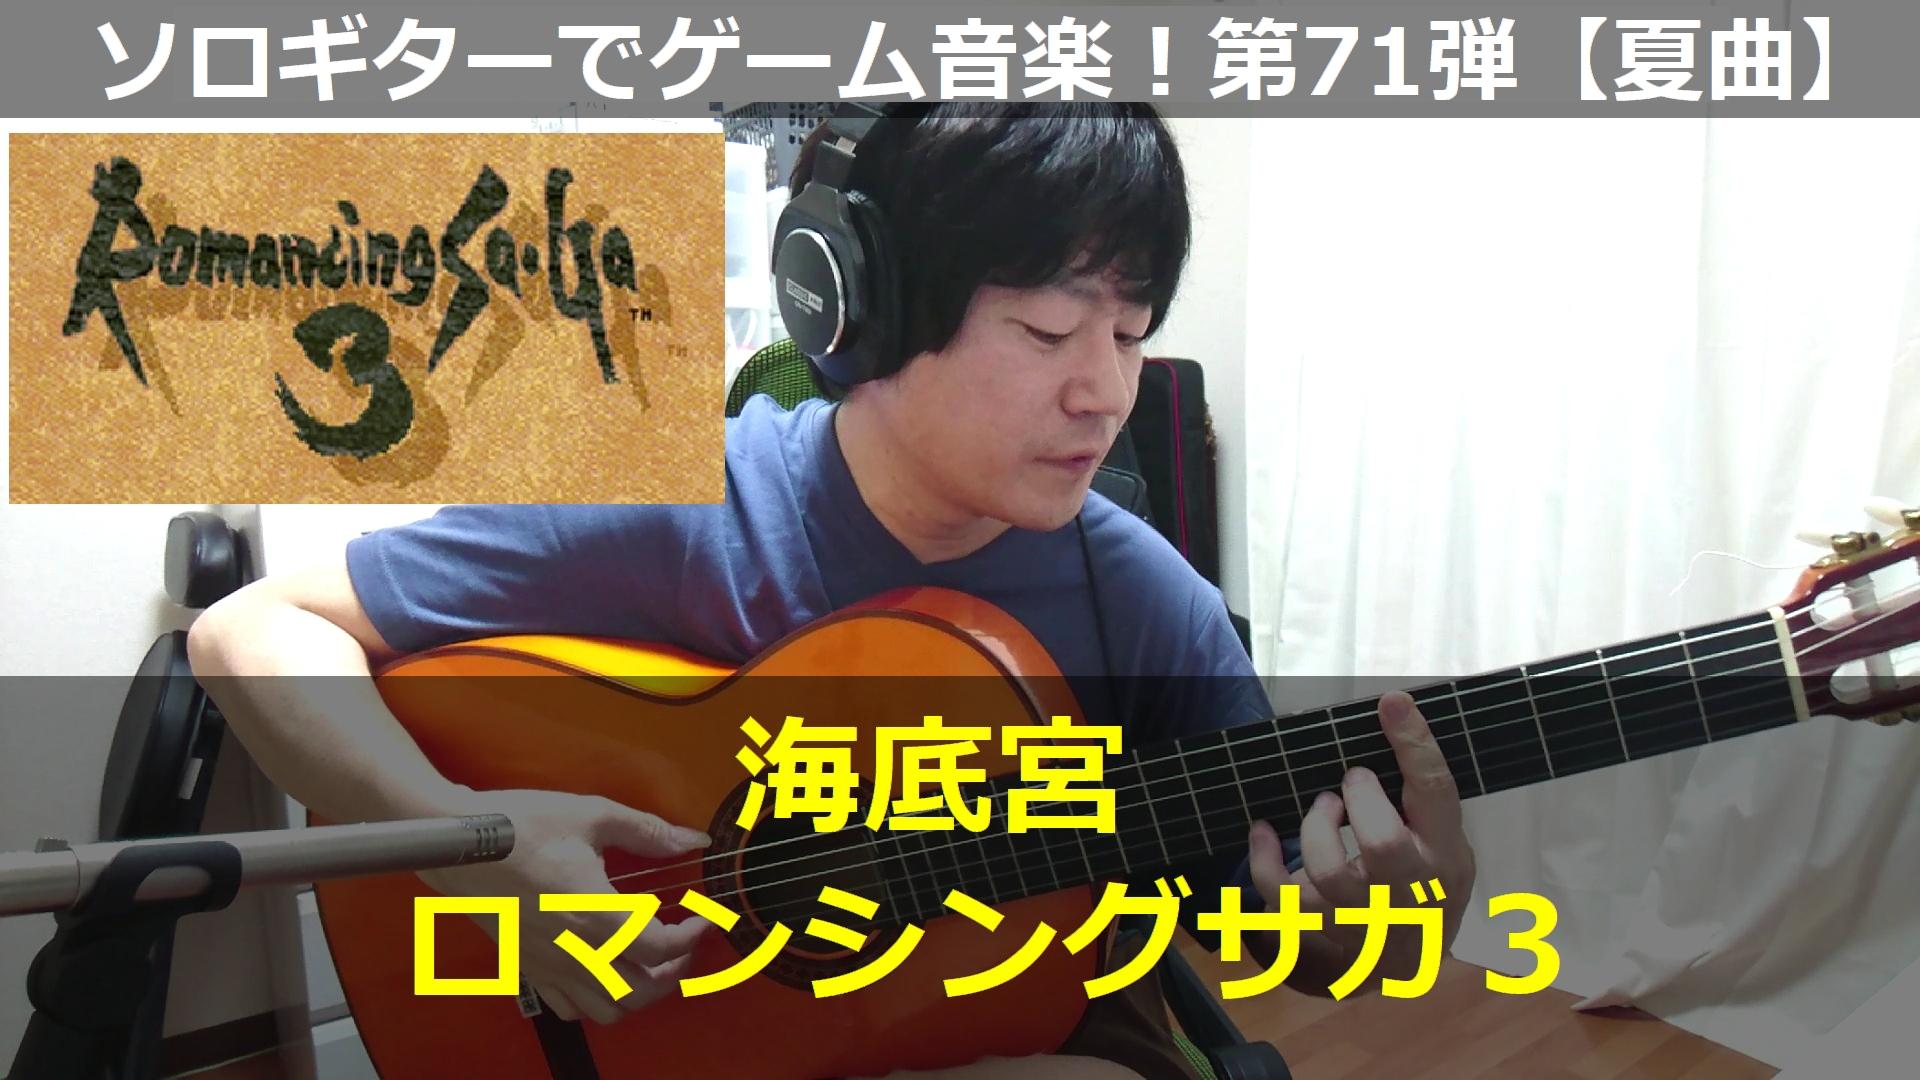 ロマンシングサガ3 海底宮 ギター演奏